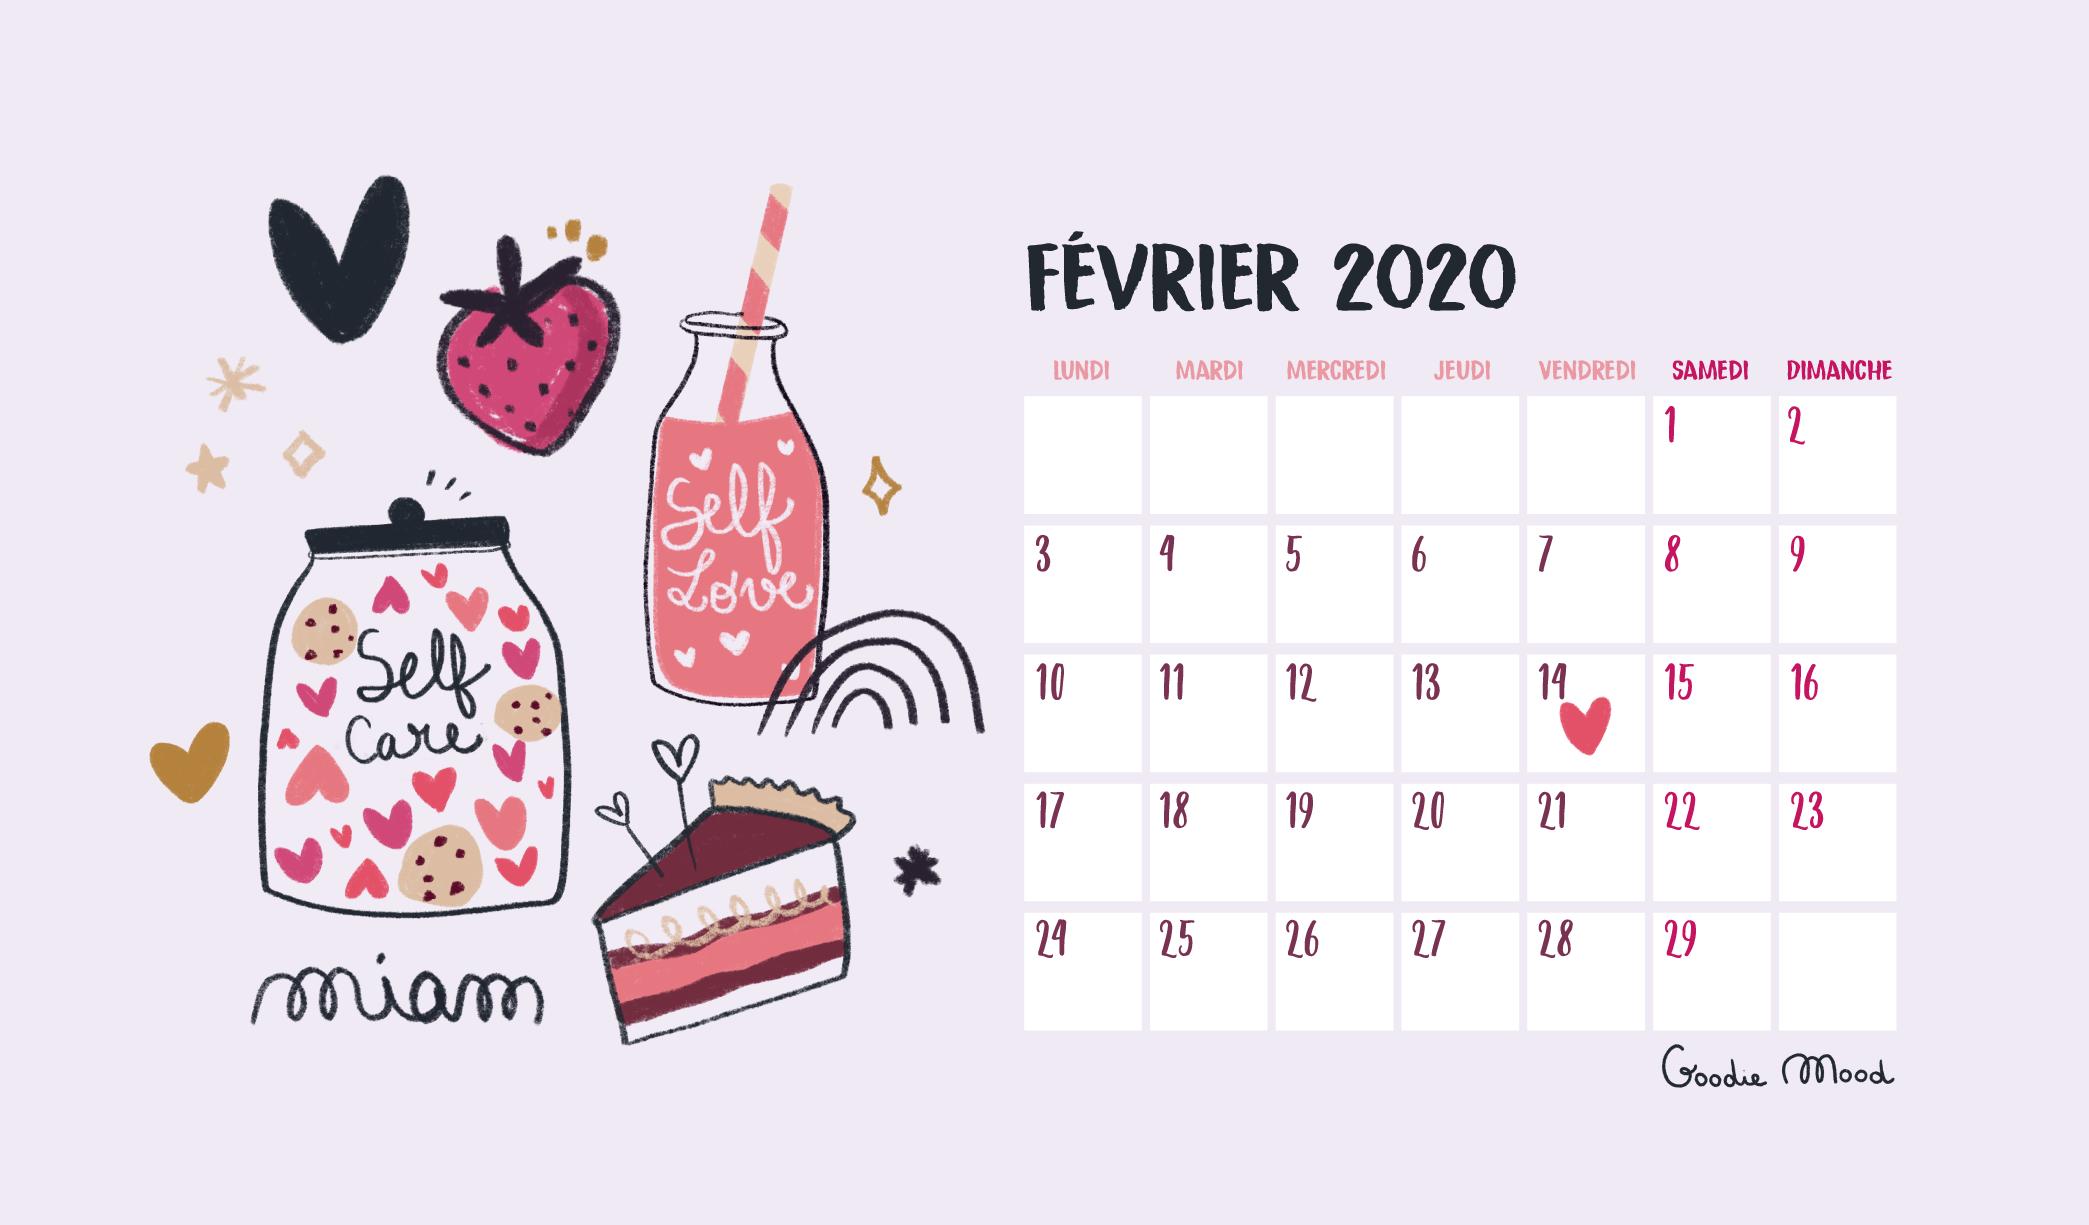 Goodie Mood - Calendrier pour février 2020